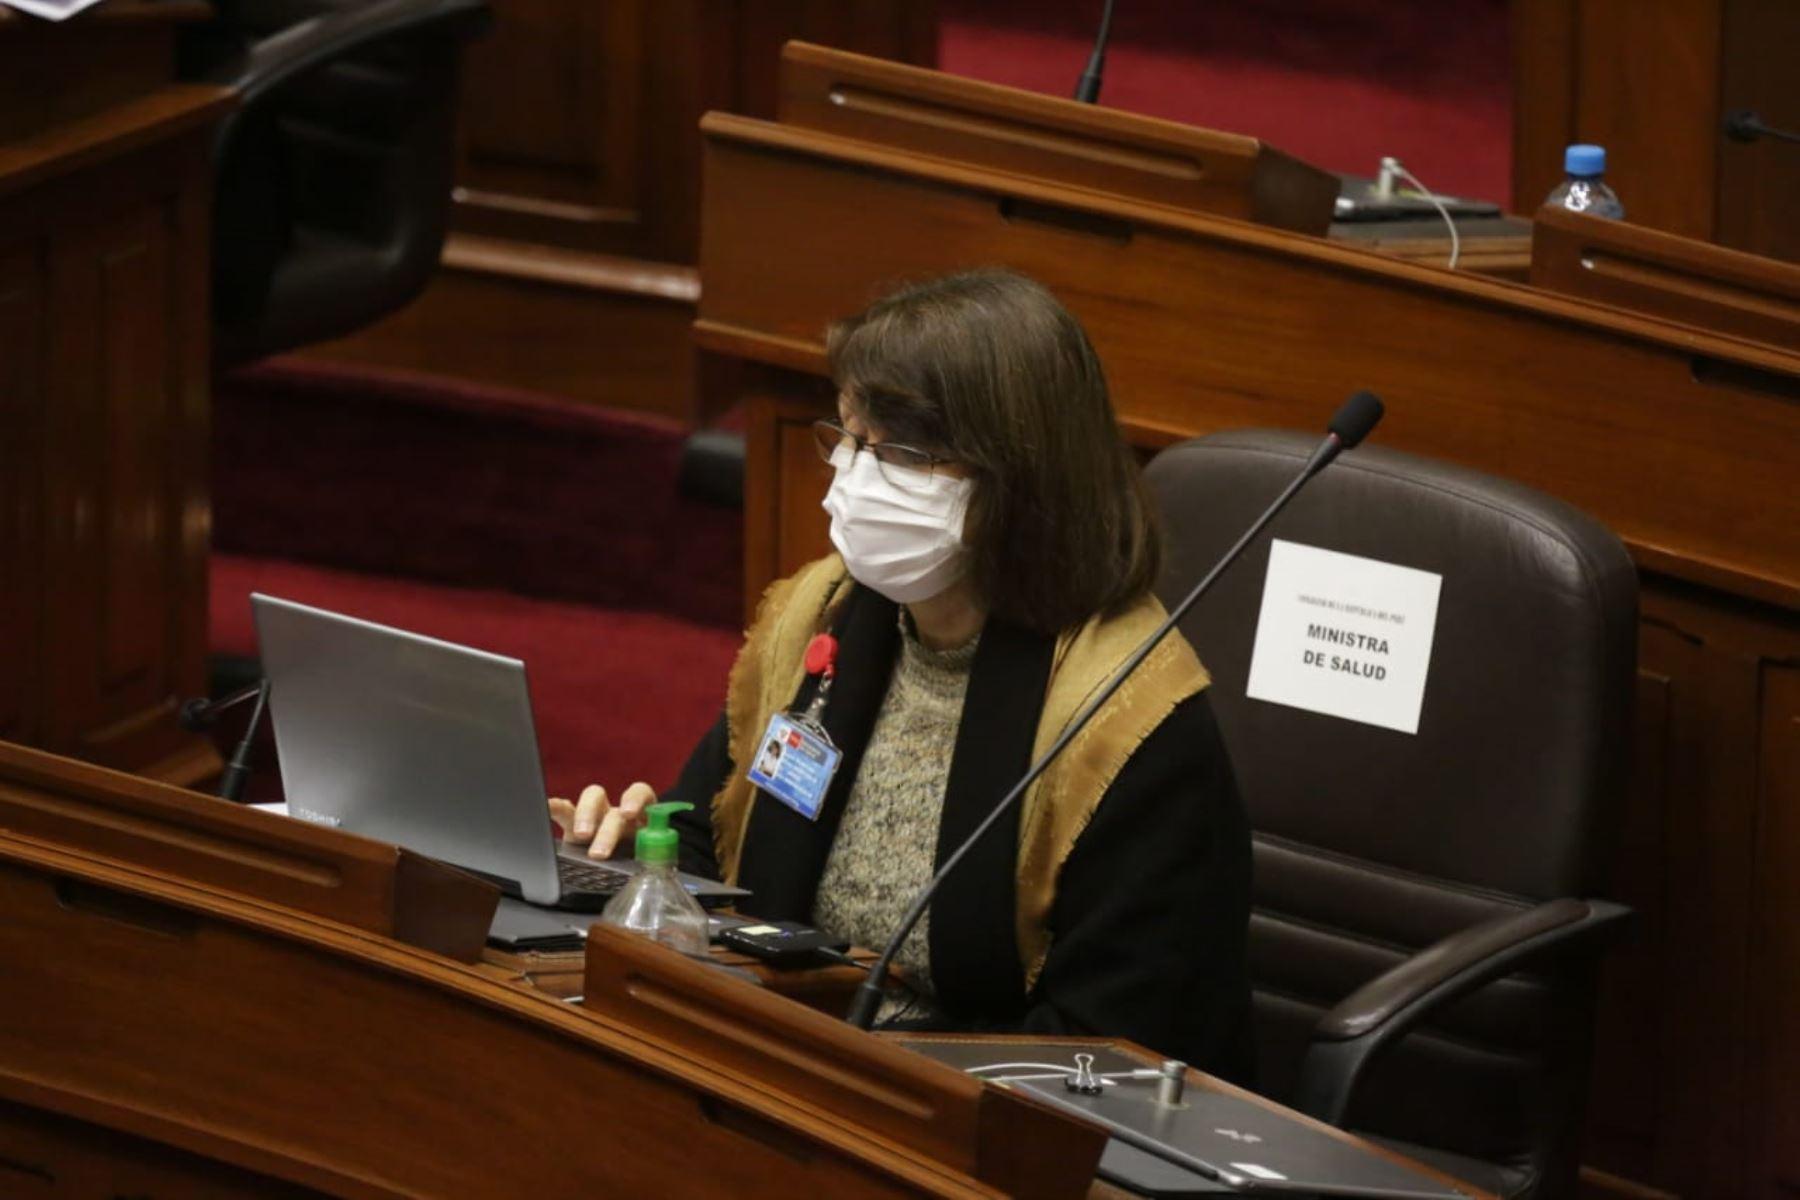 Ministra de Salud, Pilar Mazzetti, se presenta ante Congreso junto al gabinete ministerial para solicitar el voto de confianza. Foto: ANDINA/PCM